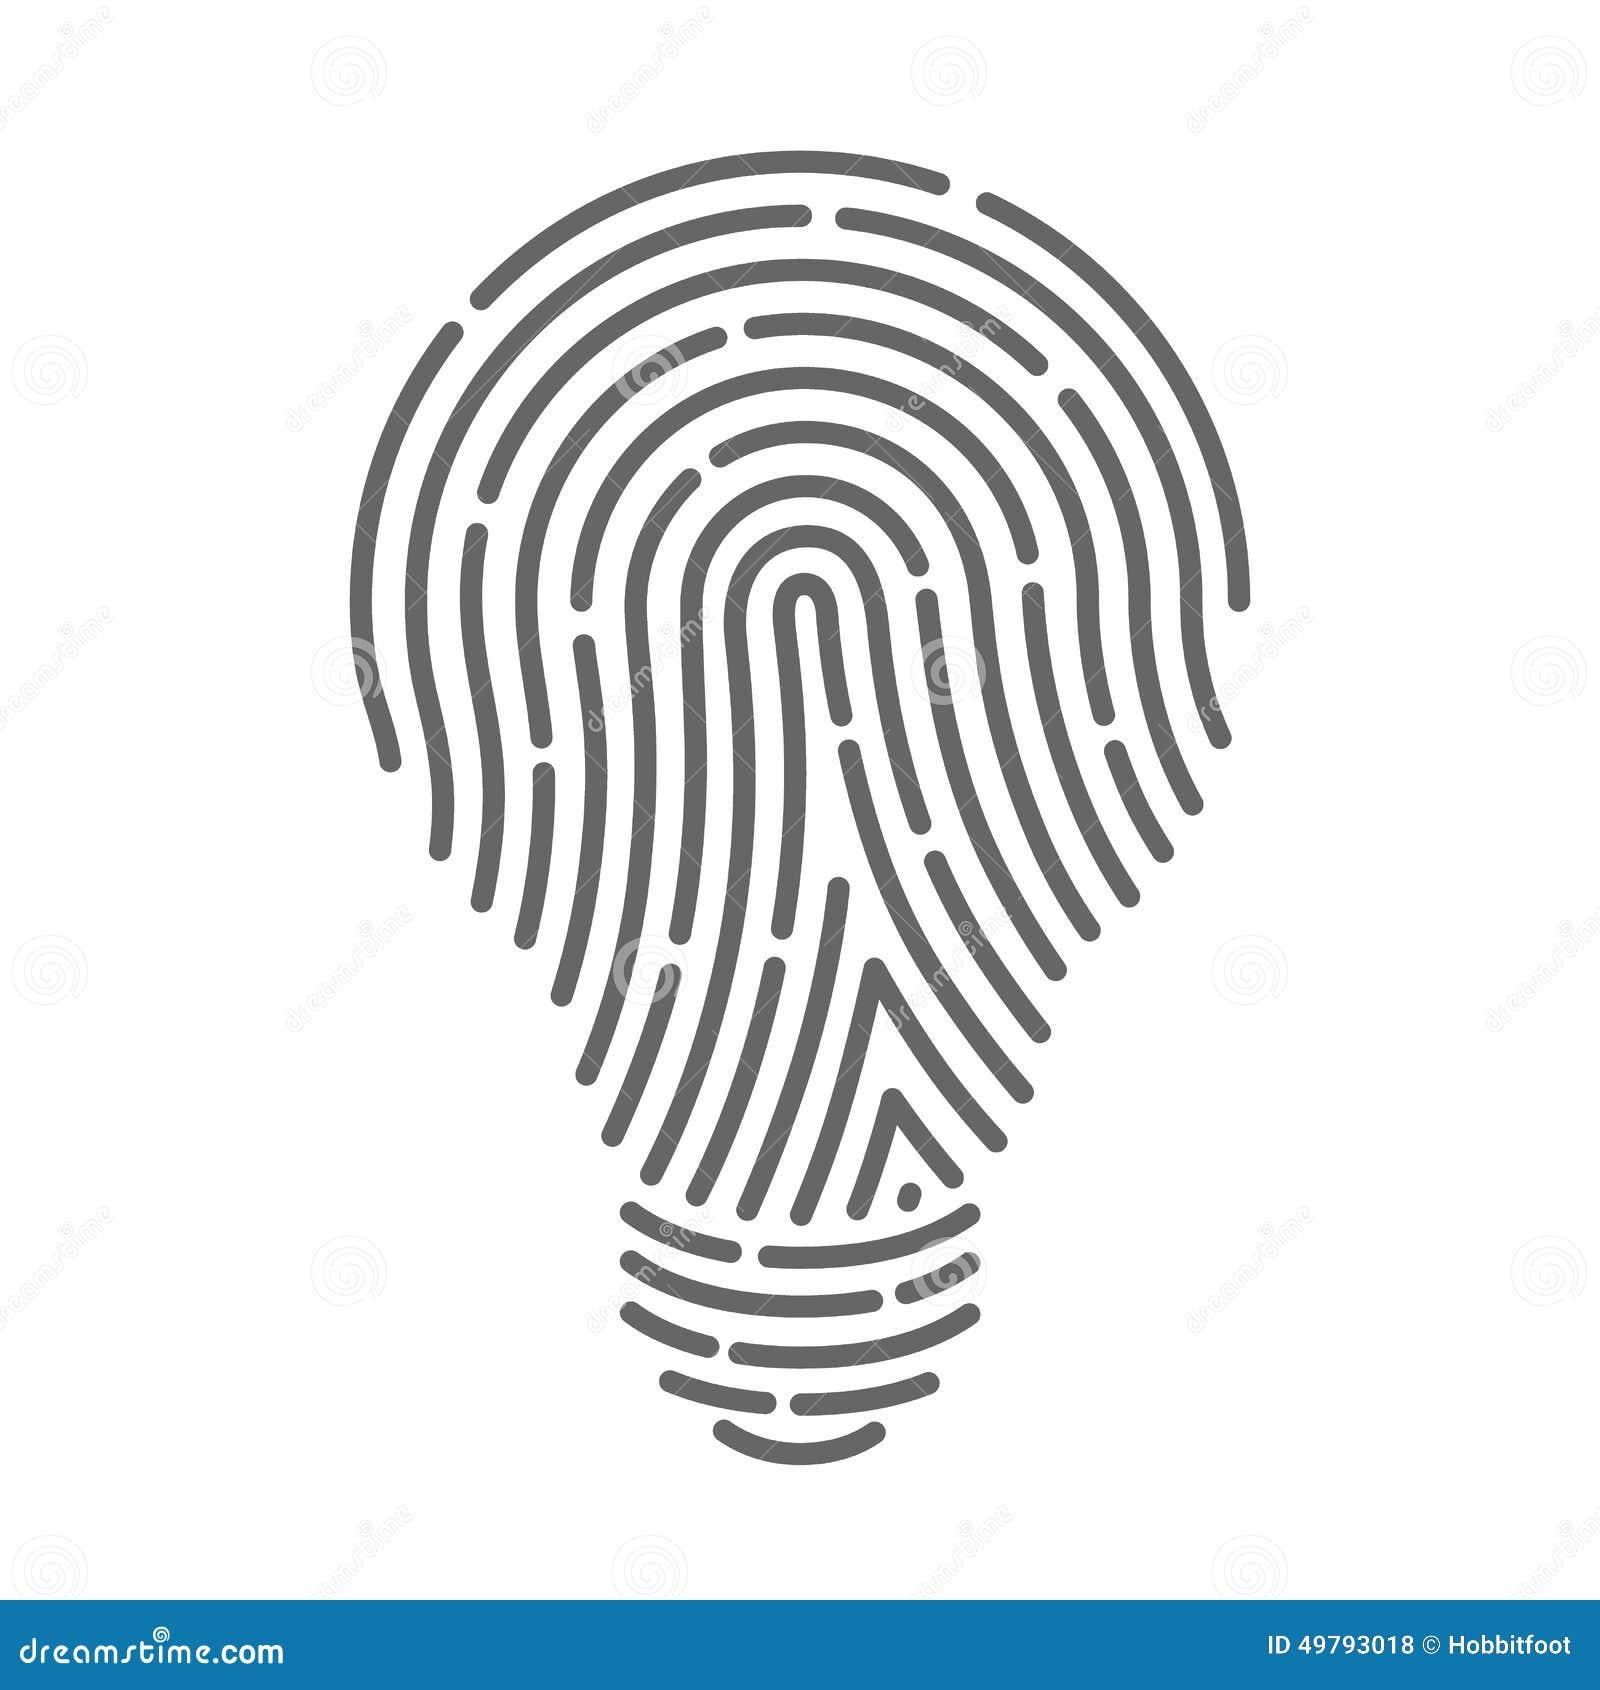 Symbol Fingerprint As Light Bulbs Stock Vector - Image ...